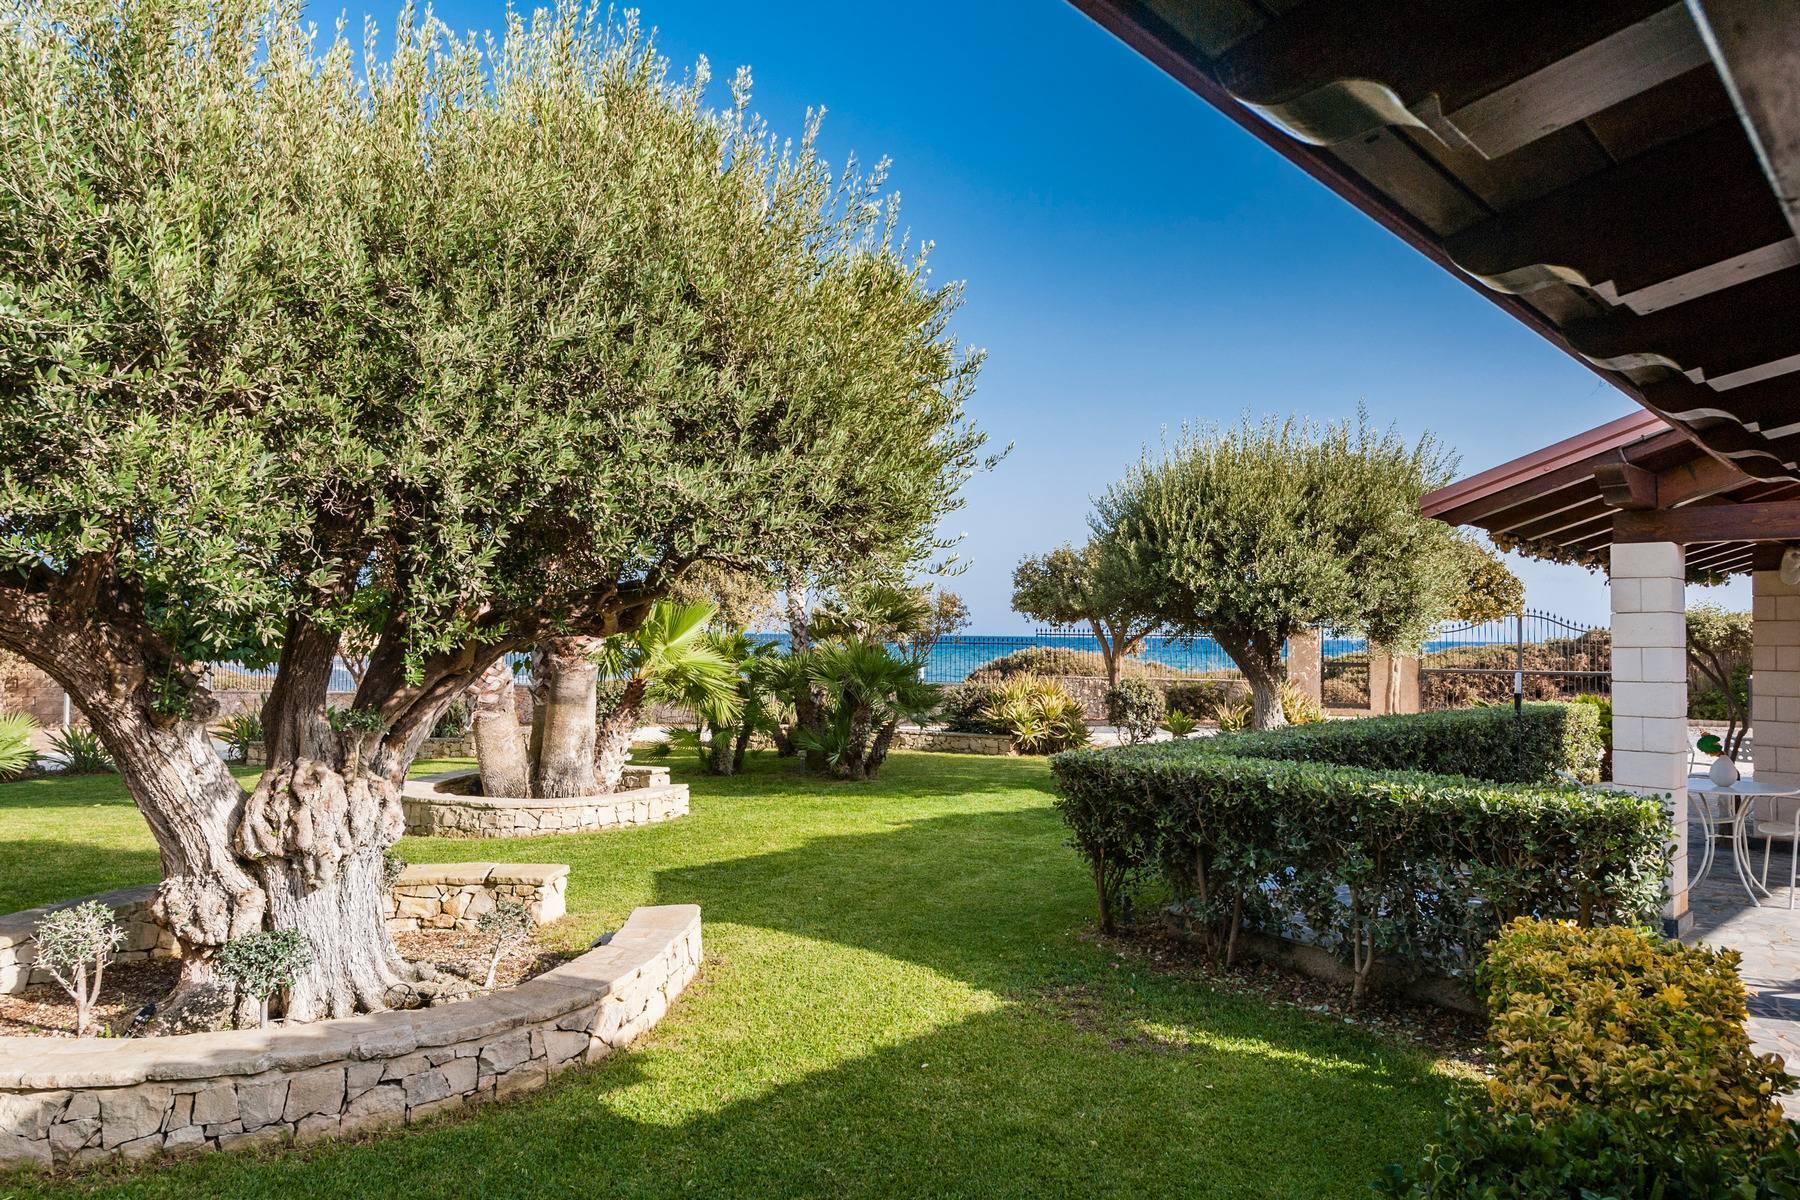 Esclusiva villa sul mare con ingresso privato in spiaggia - 17